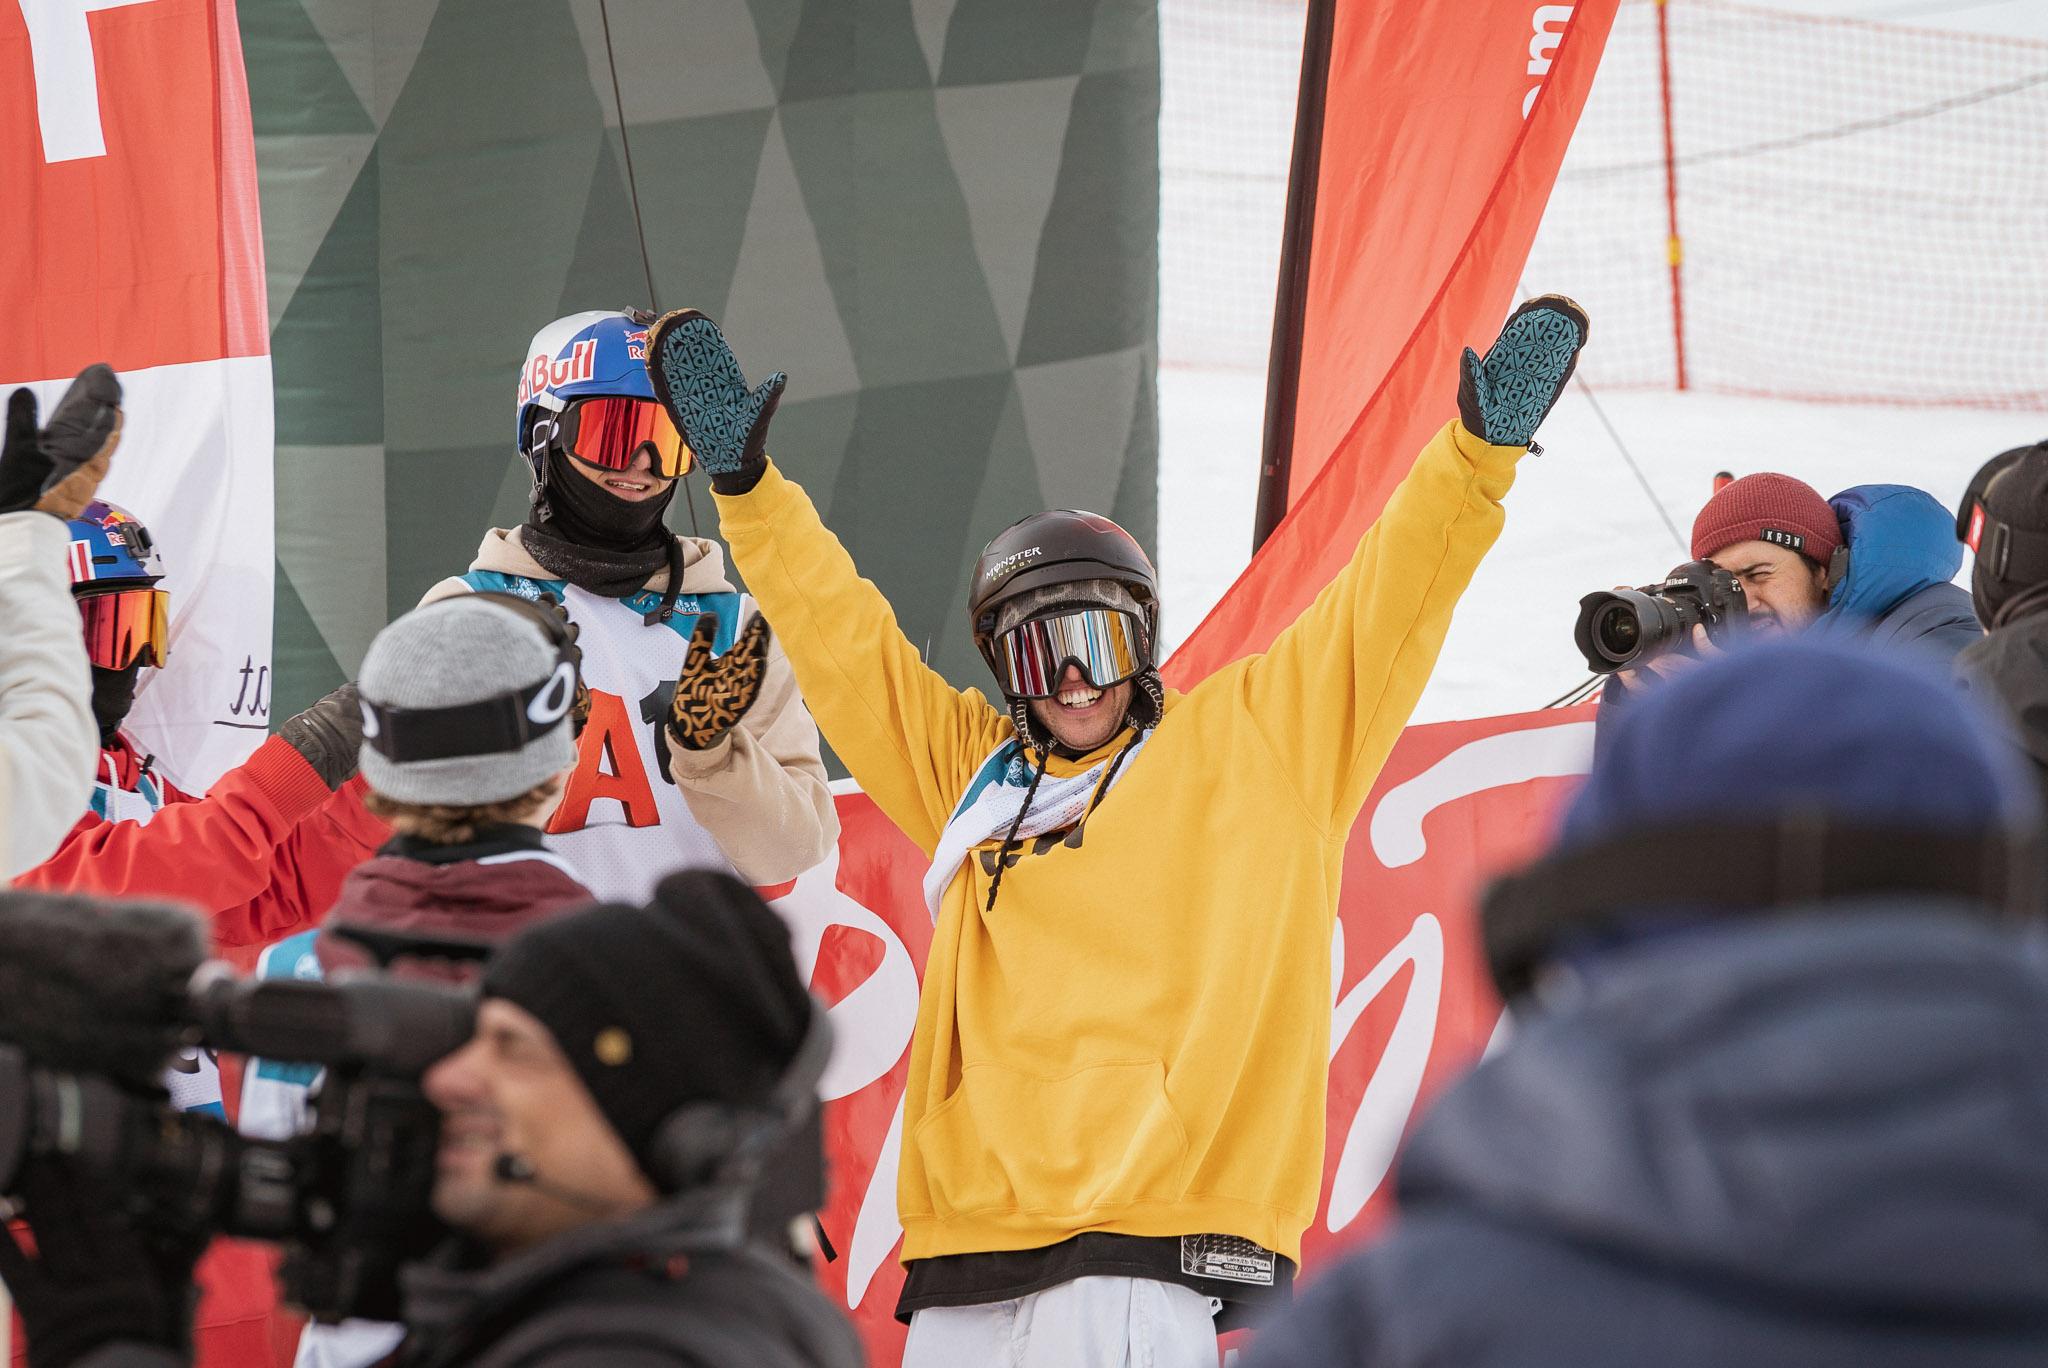 Holt den ersten Slopestyle Weltcup Gewinn seiner Karriere: Henrik Harlaut (SWE)